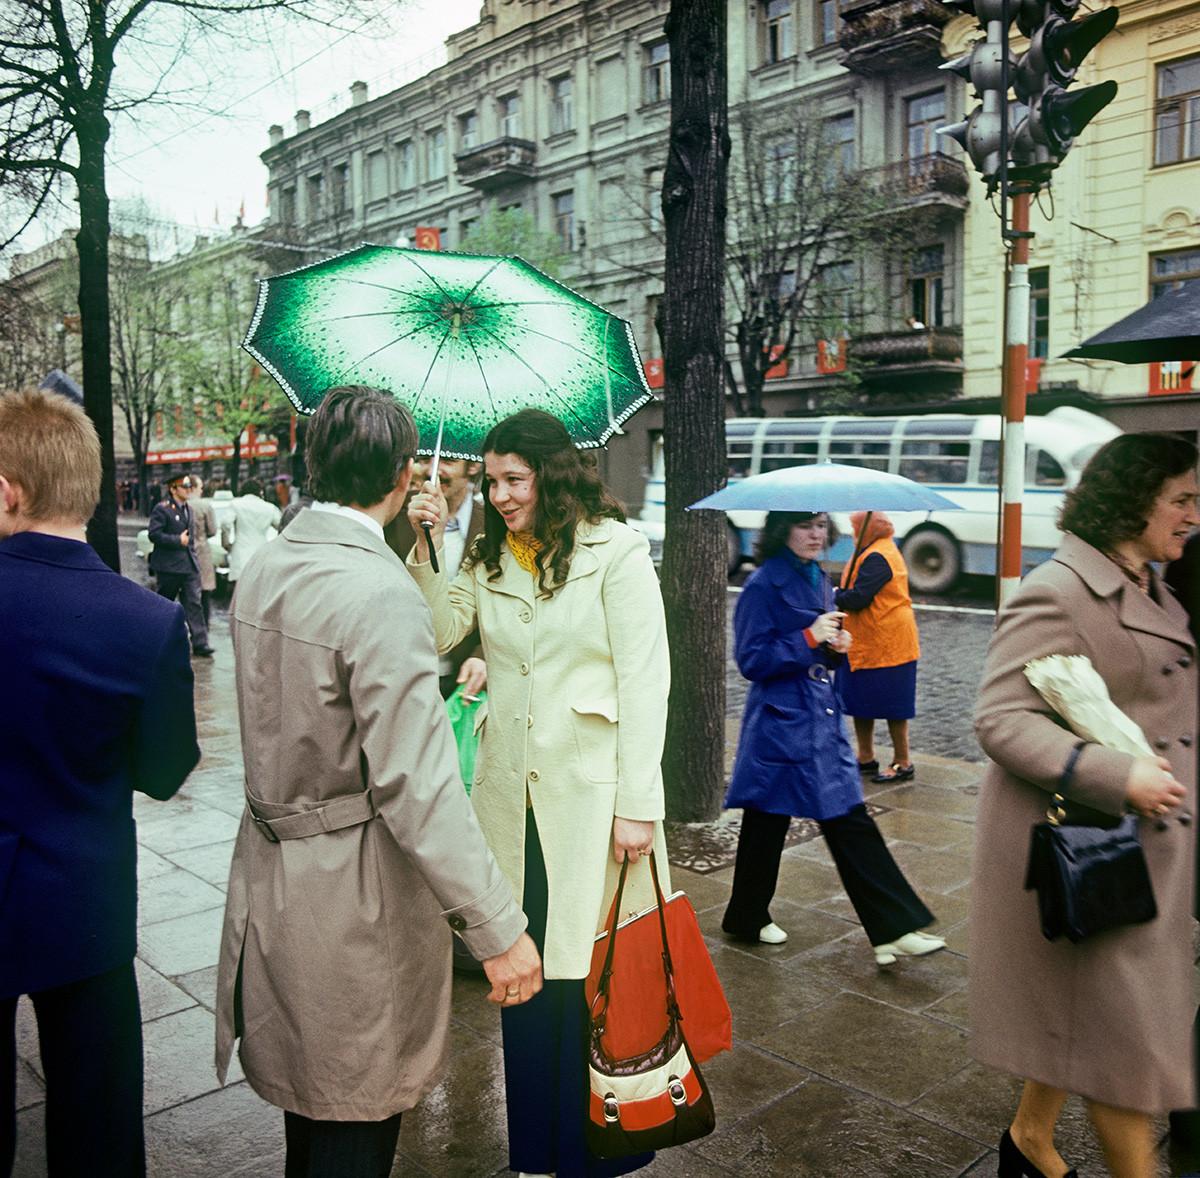 ヴィリニュスの大通りにて、1980年